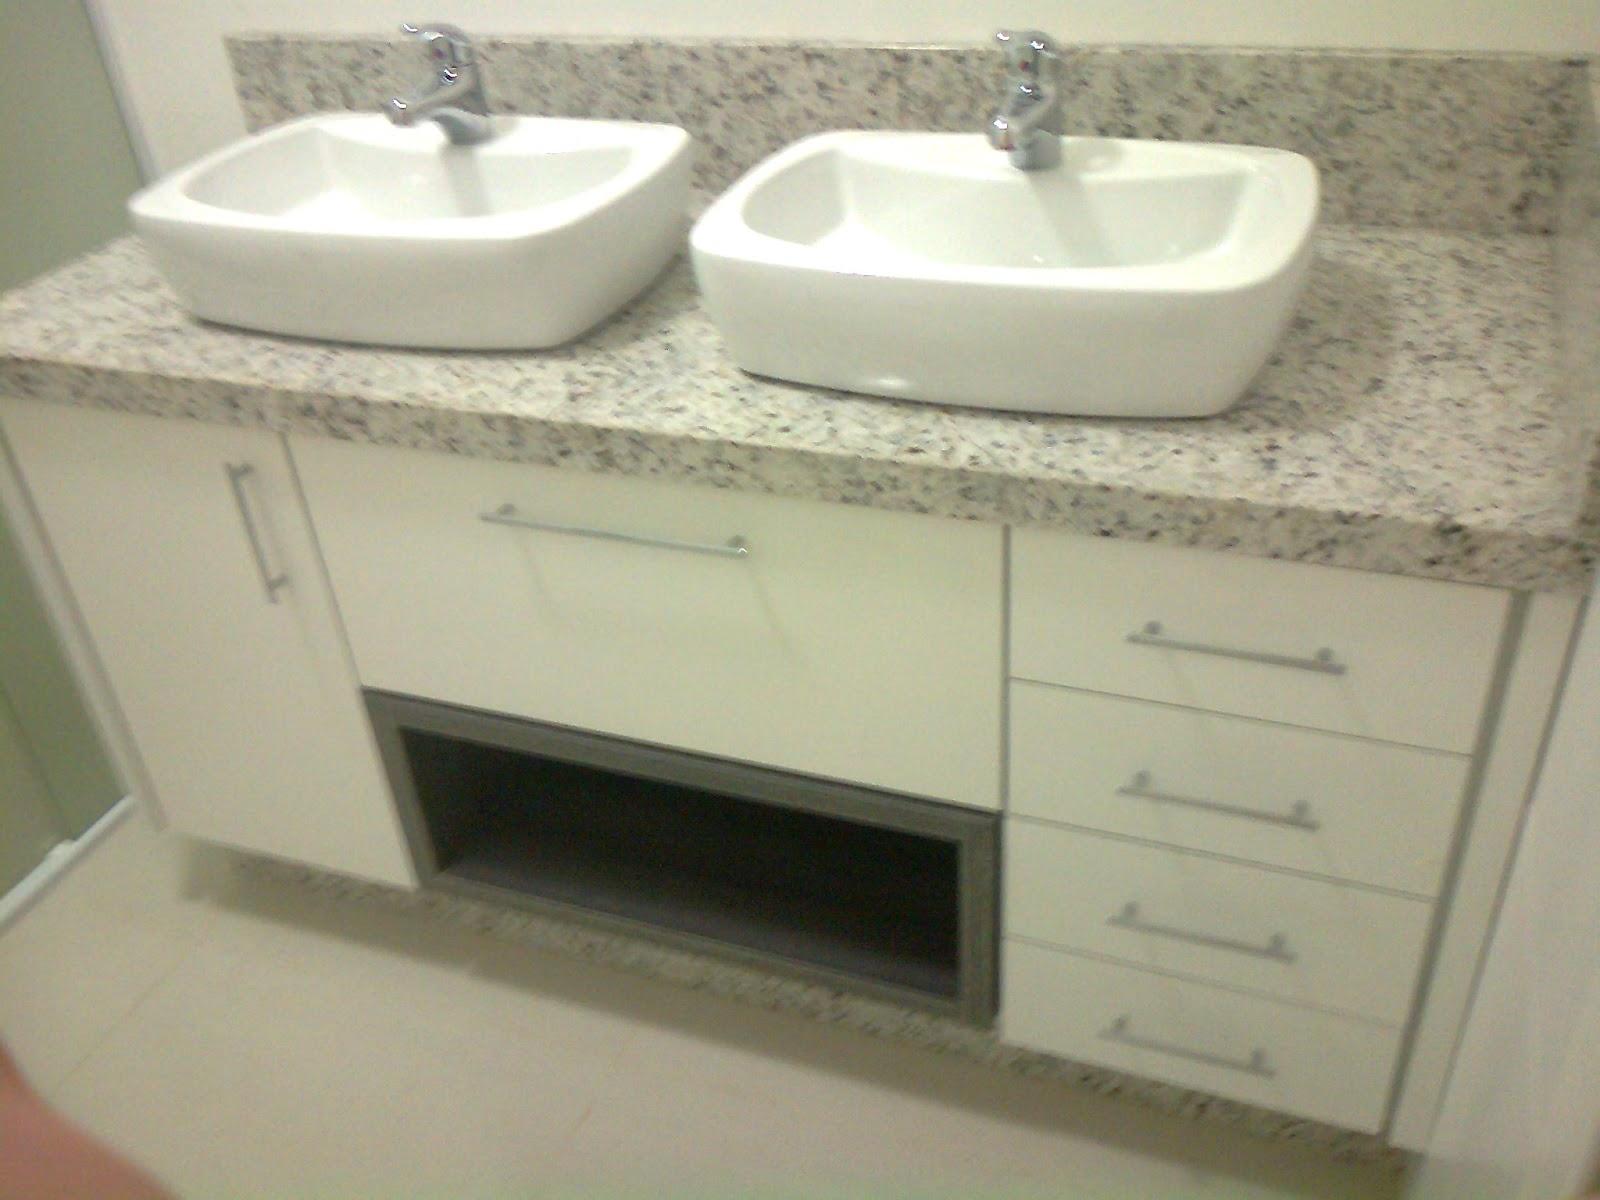 Formularte móveis sob medidas Banheiro cuba dupla de sobrepôr -> Cuba De Banheiro Sobrepor